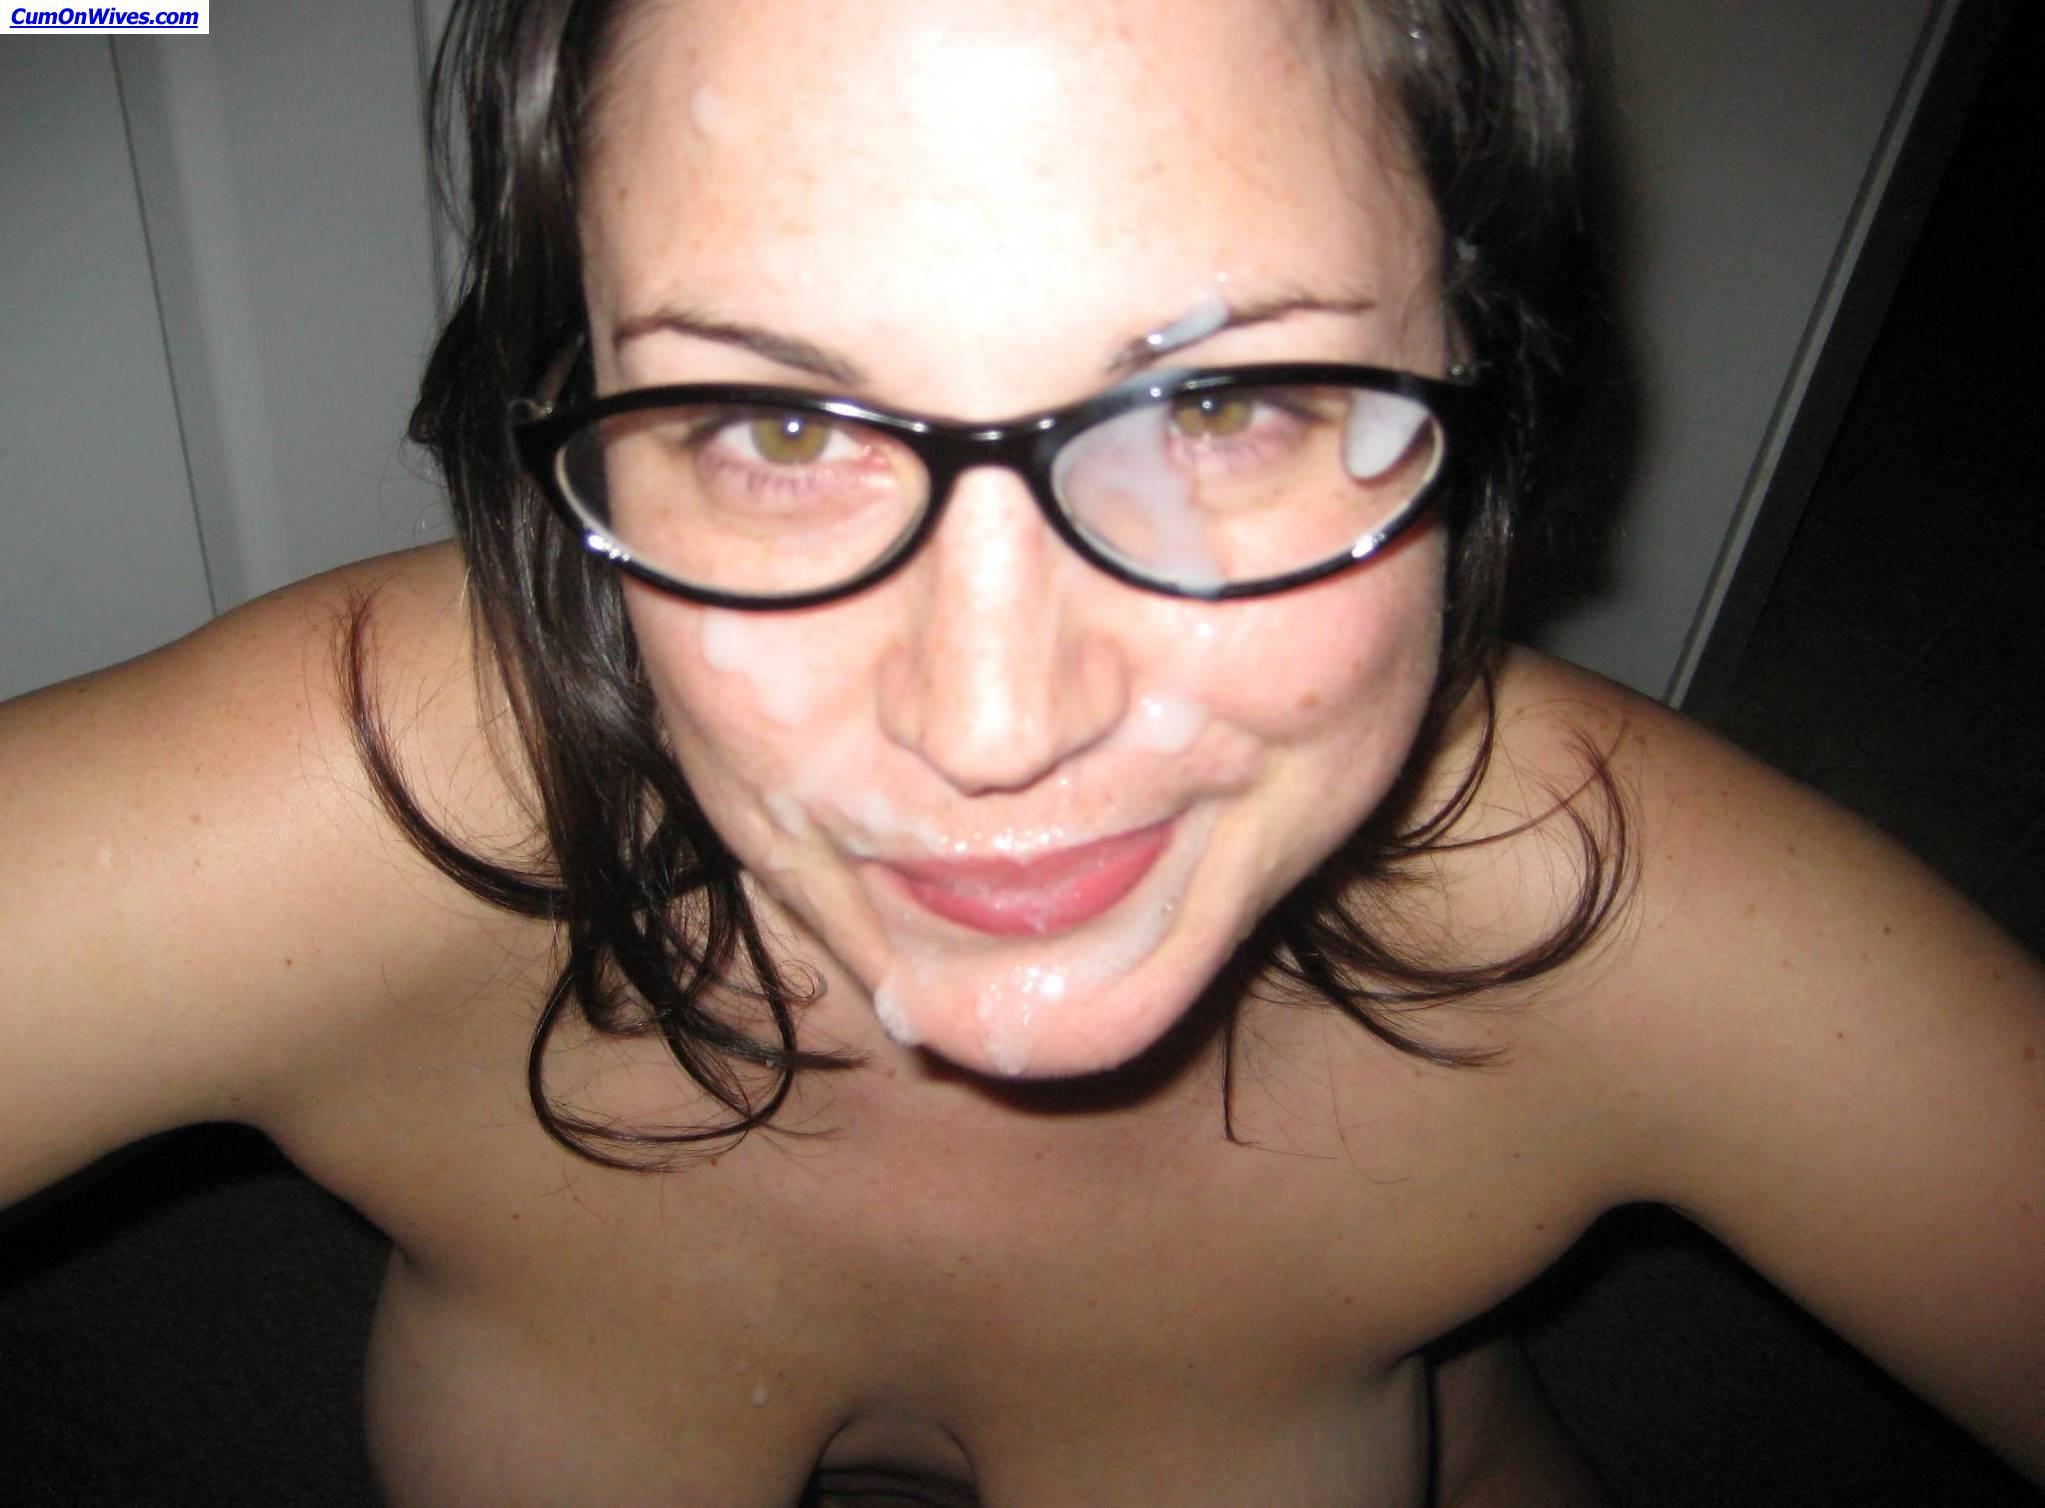 Русский секс домашней девочки в очках, Русское порно видео с тегом В очках бесплатно 14 фотография